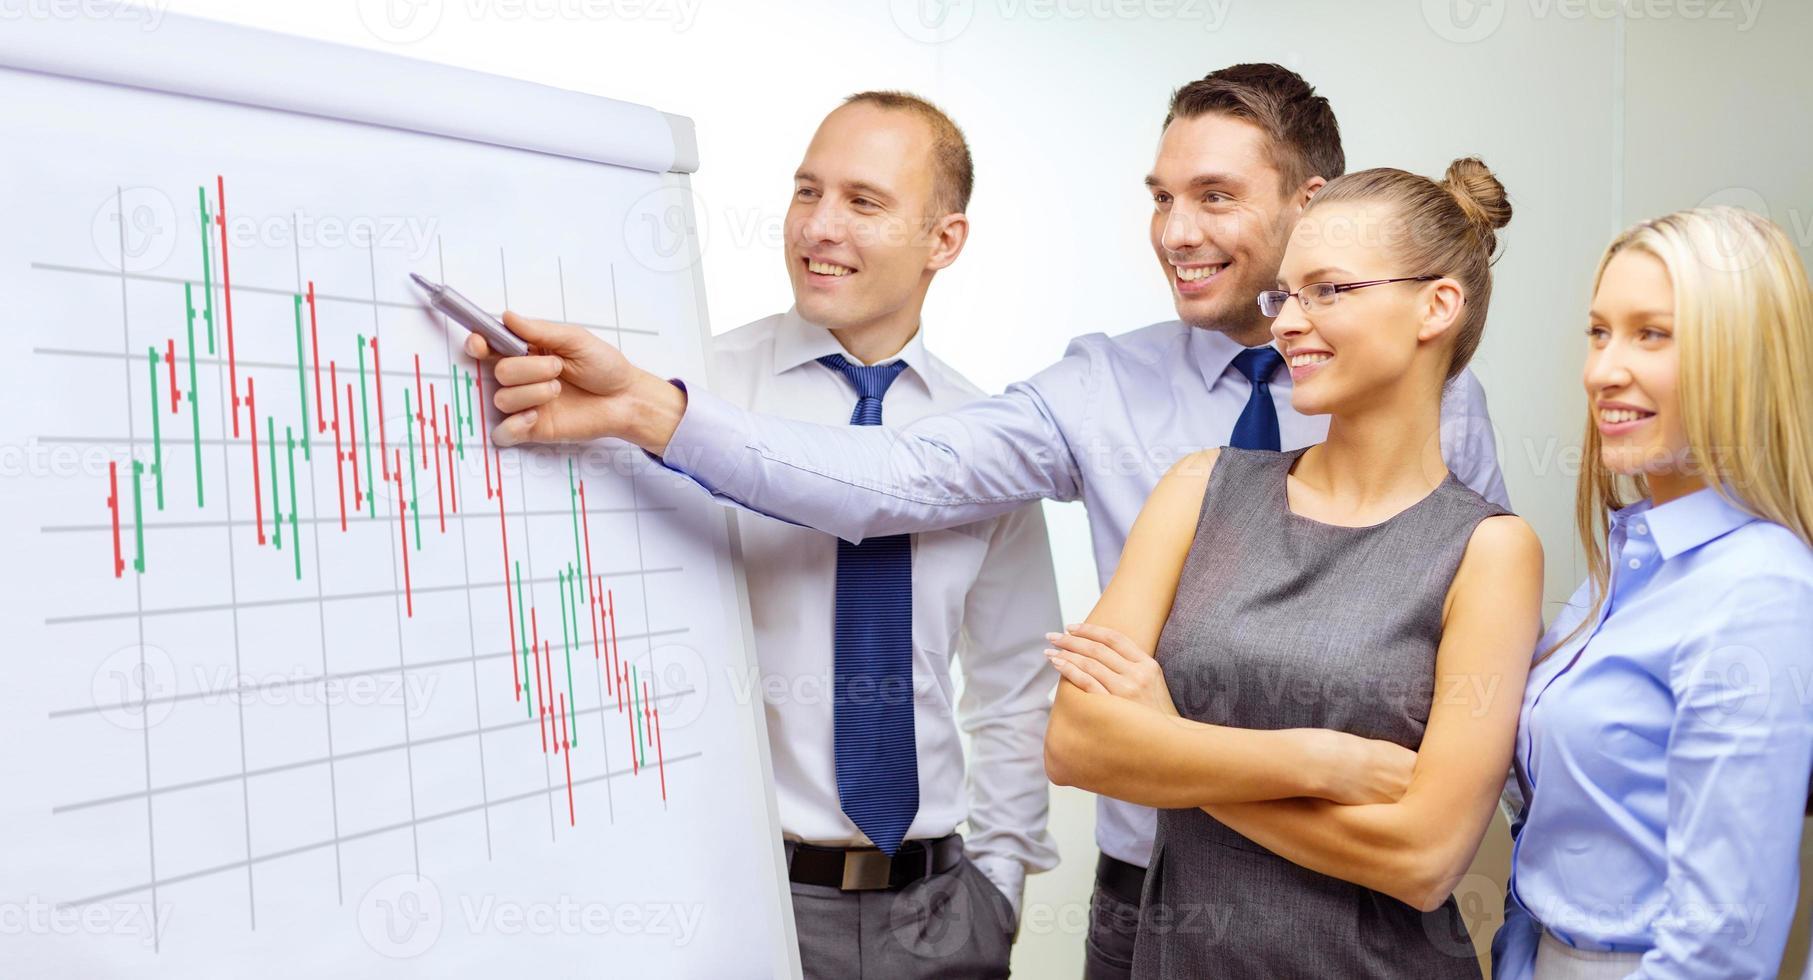 Geschäftsteam mit Flipboard mit Diskussion foto